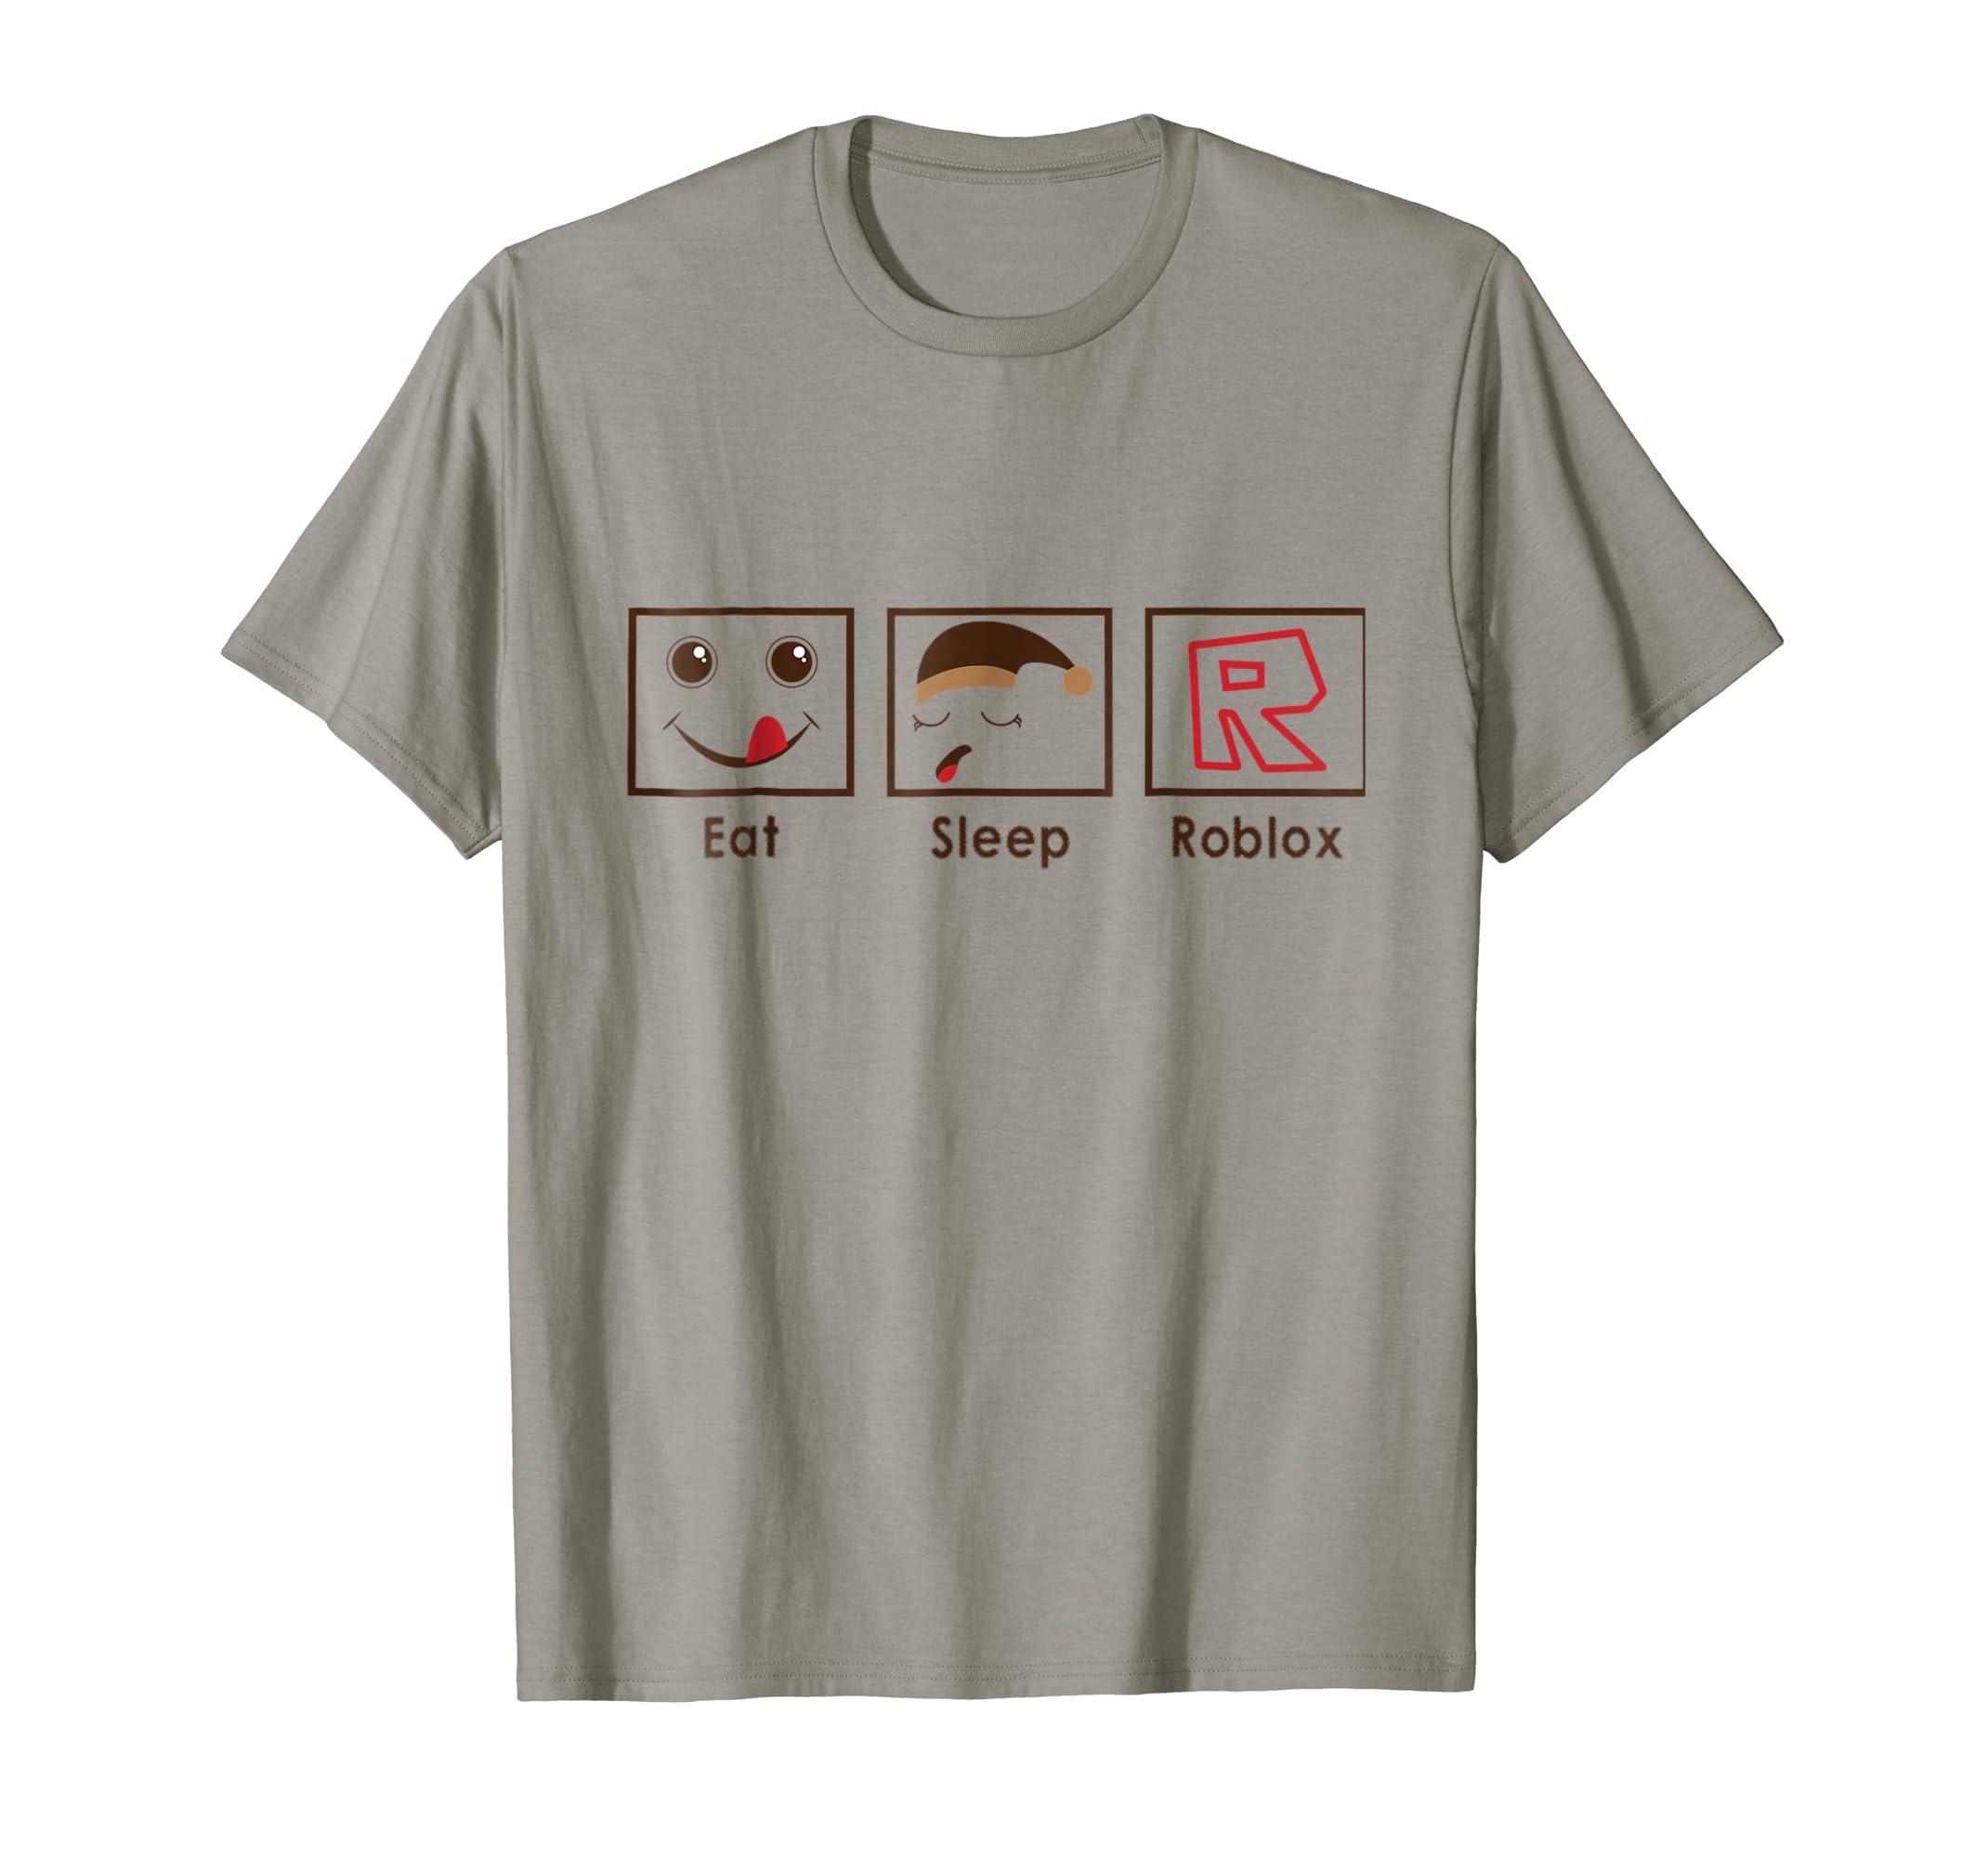 Eatsleep Roblox T Shirt Mt Mugartshop